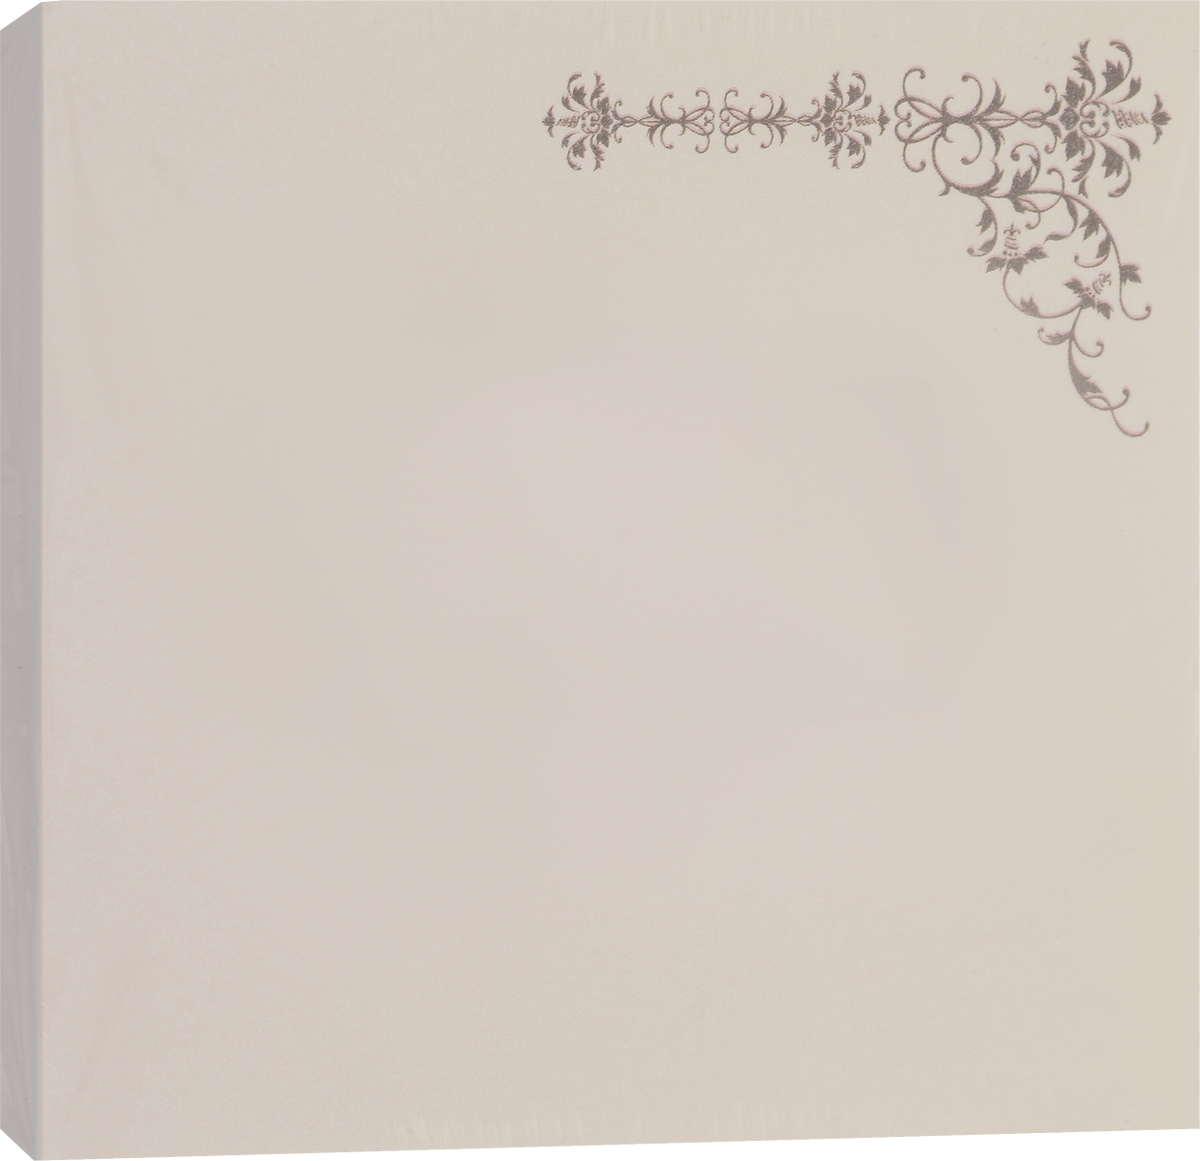 Фолиант Блок для записей Орнамент цвет бежевый 8,5 x 8,5 см 200 листовБКД-200БС/6_бежевый 2Фолиант Блок для записей Орнамент цвет бежевый 8,5 x 8,5 см 200 листов